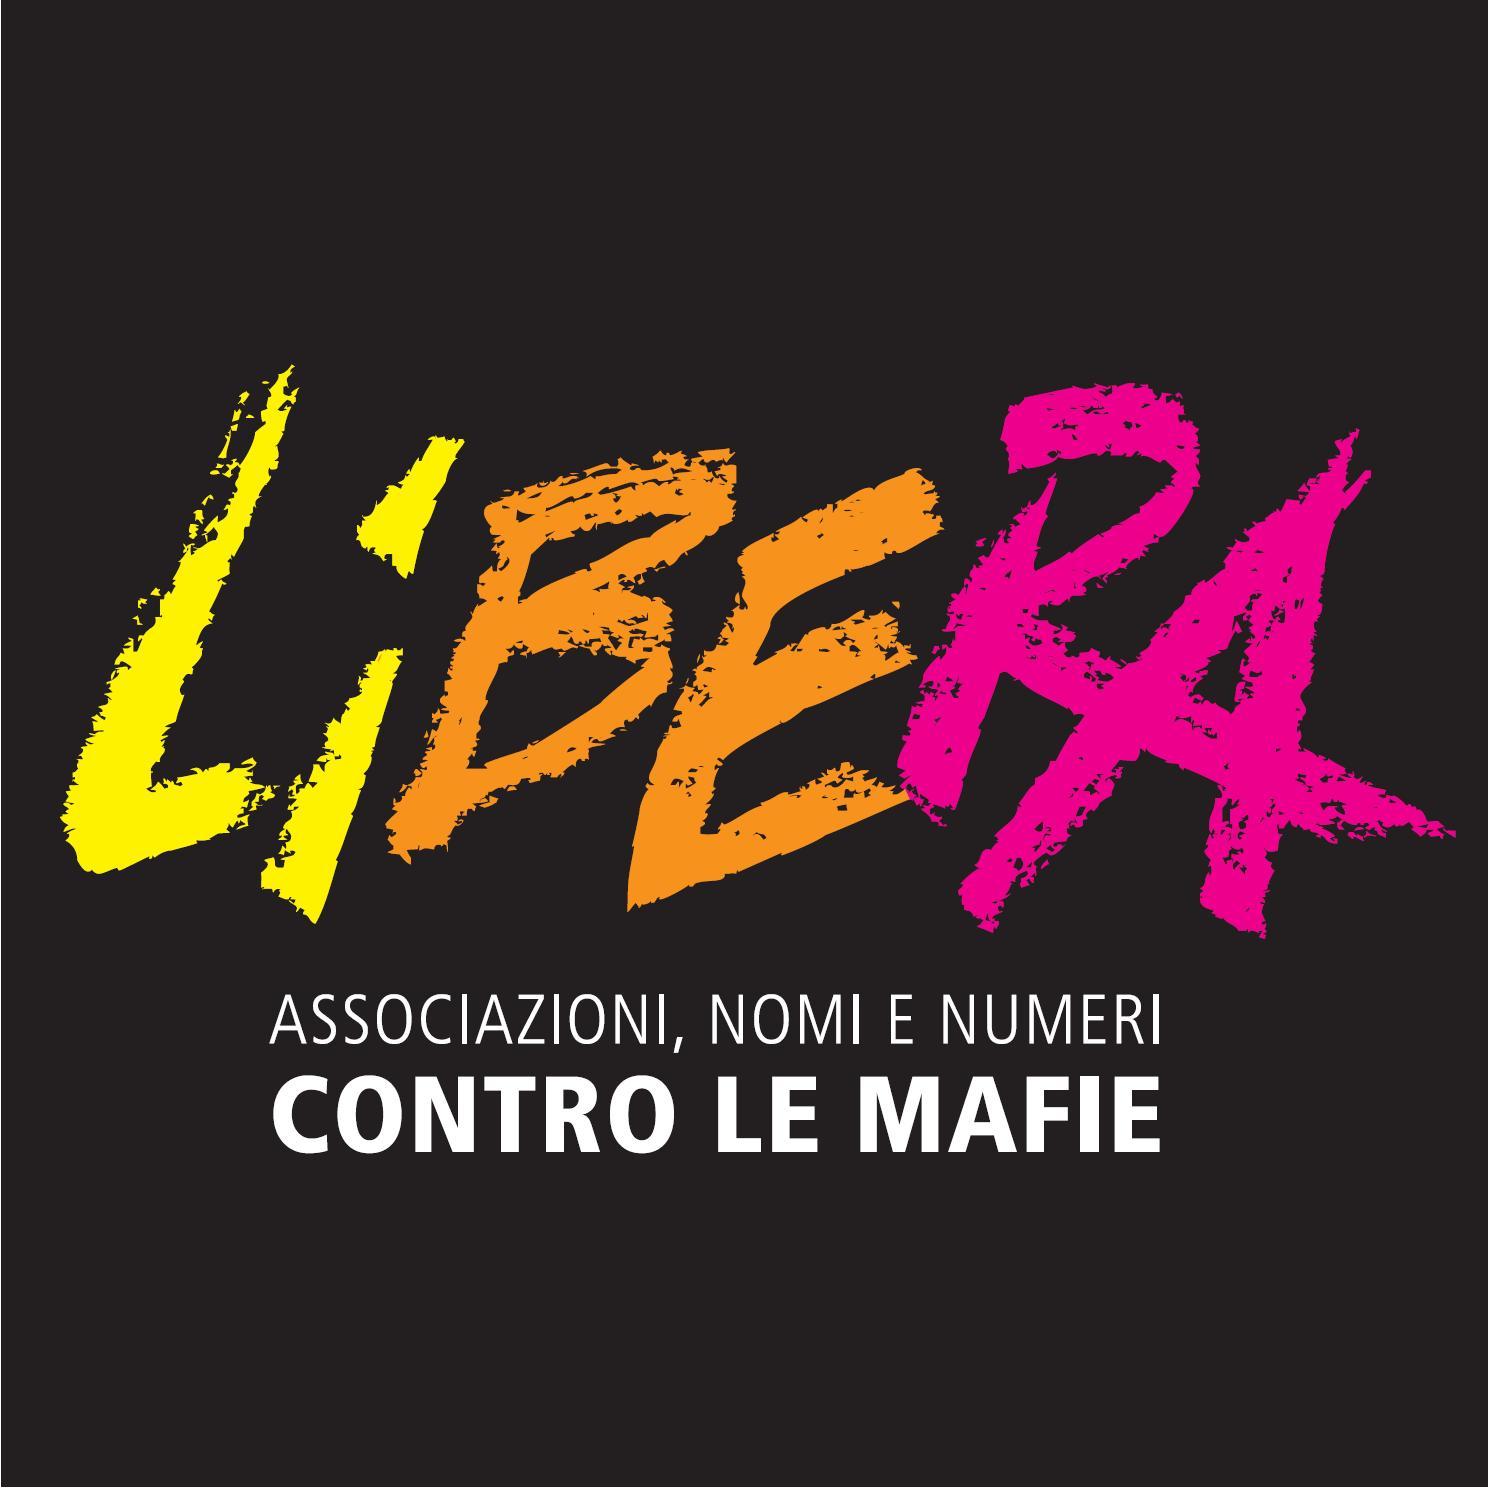 Libera - Associazioni, Nomi e Numeri contro le mafie